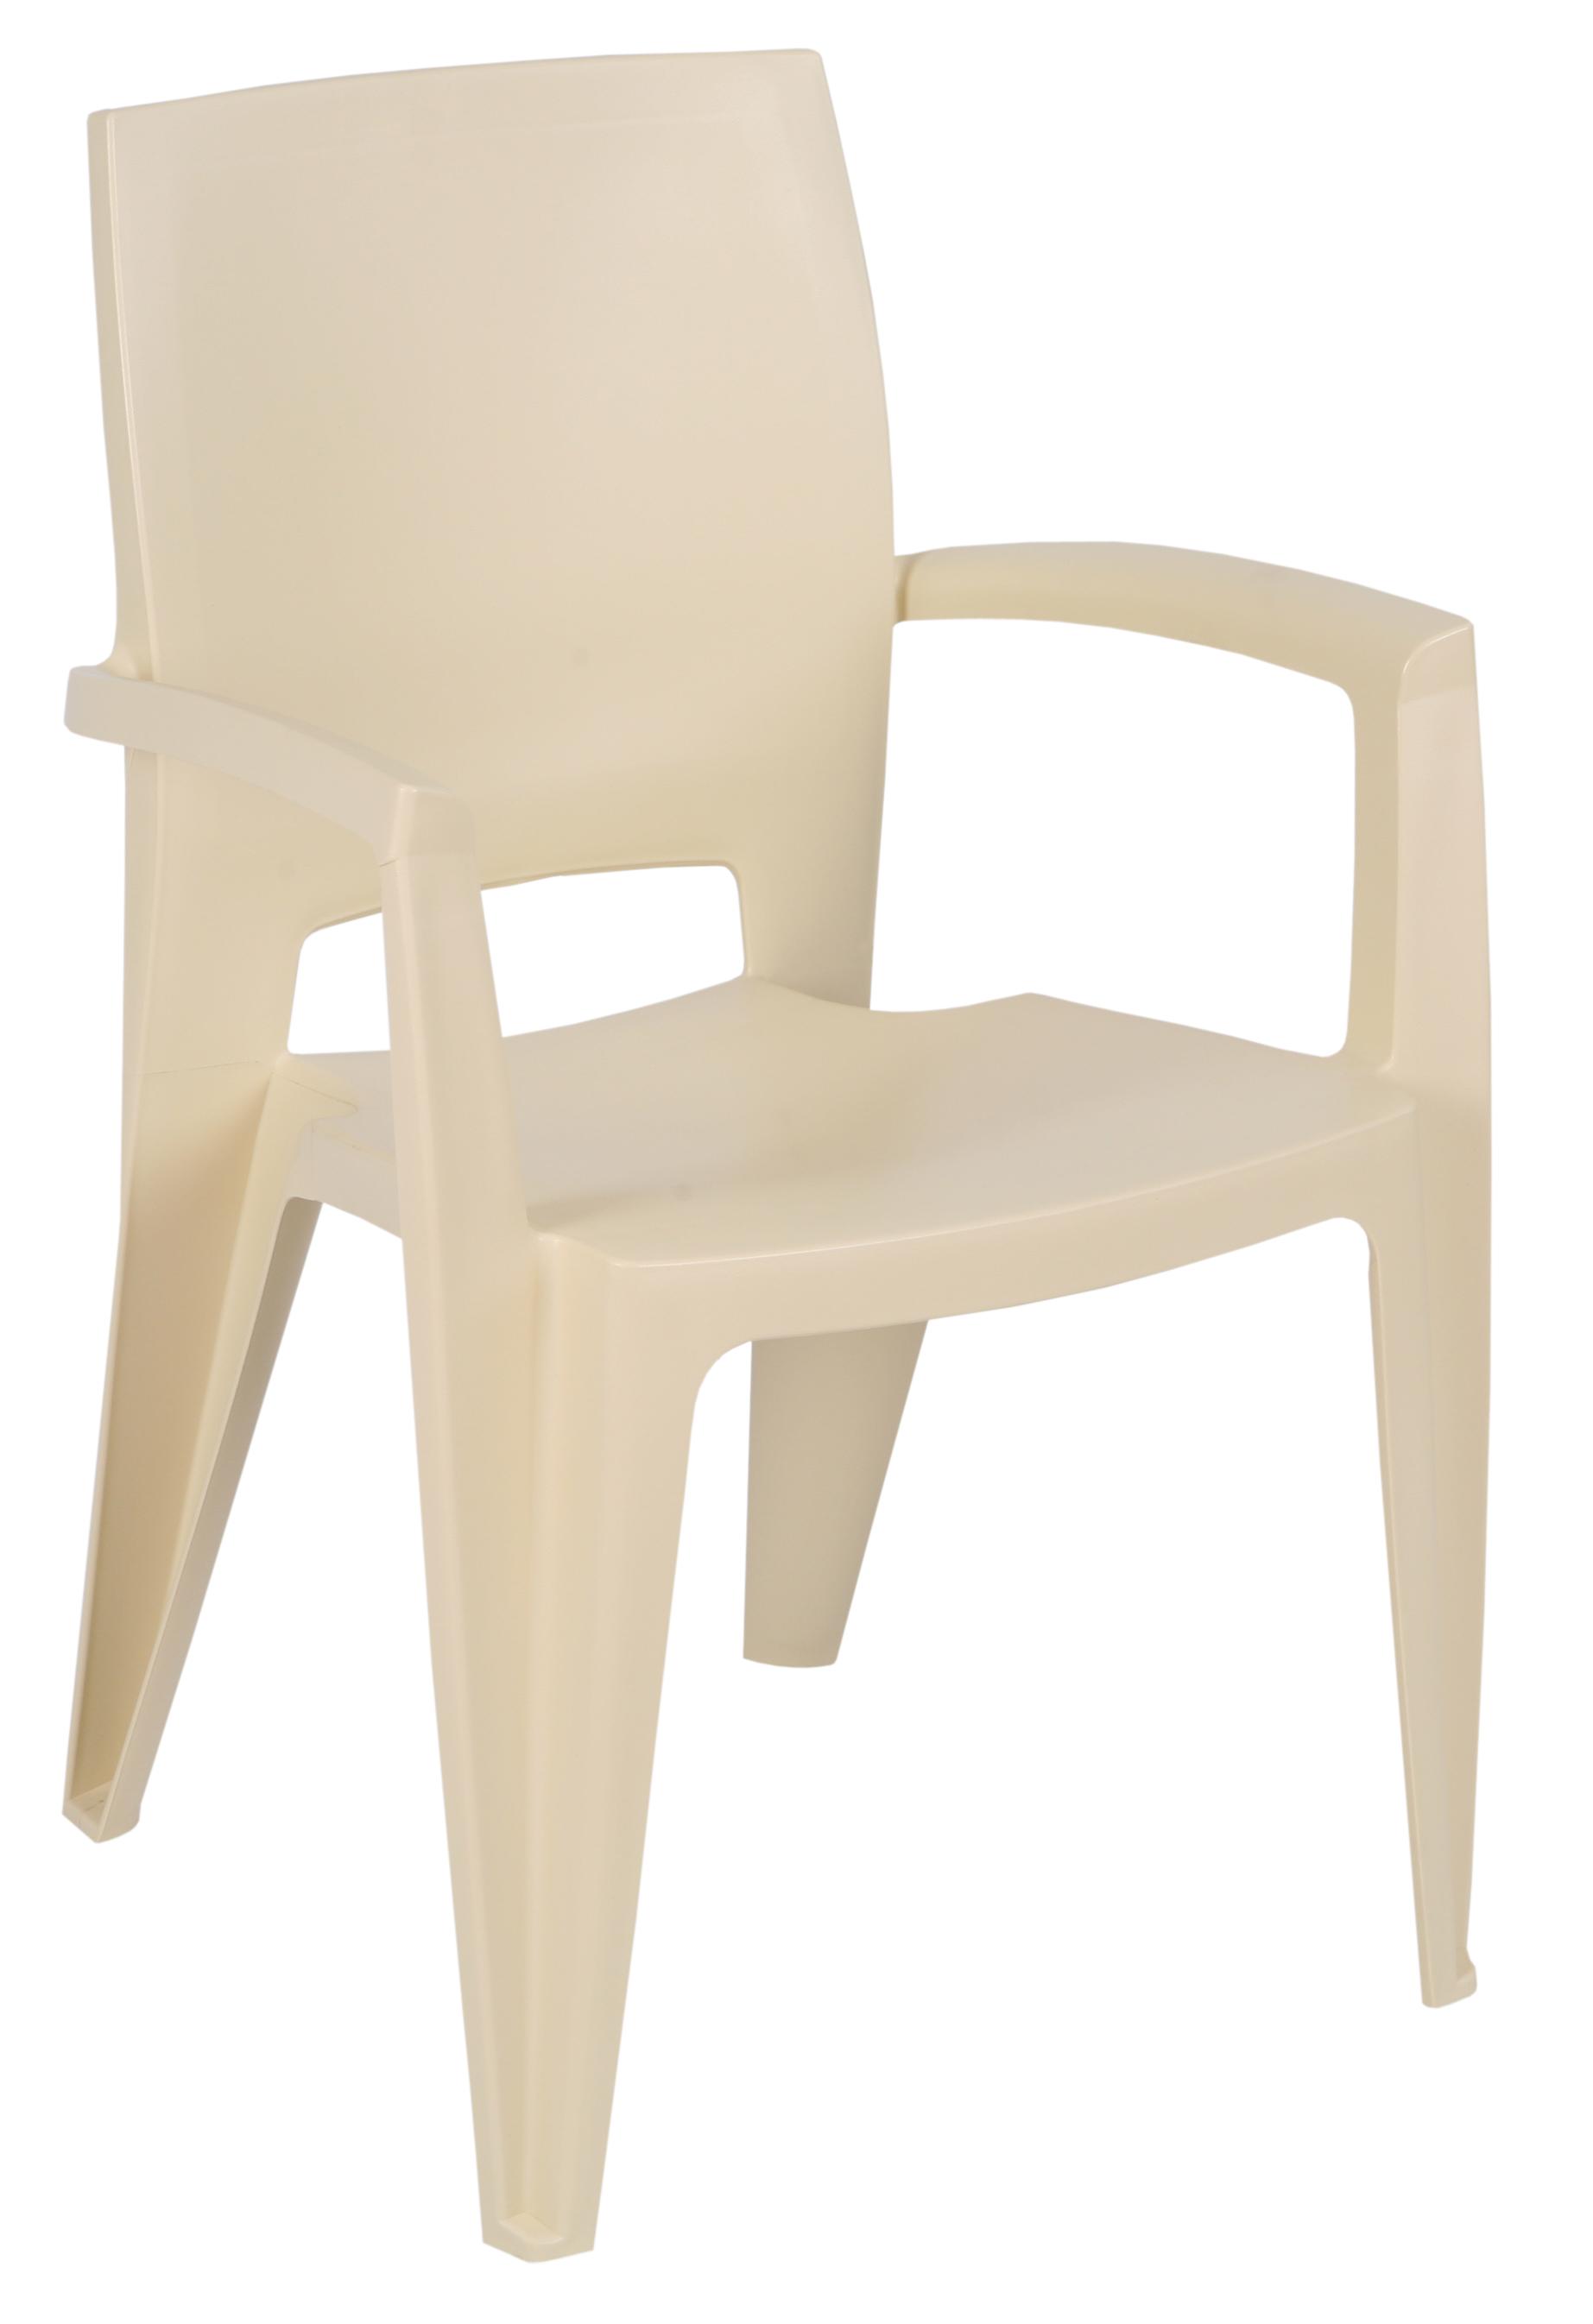 Chaise en plastique universal mobilier for Chaise en plastique